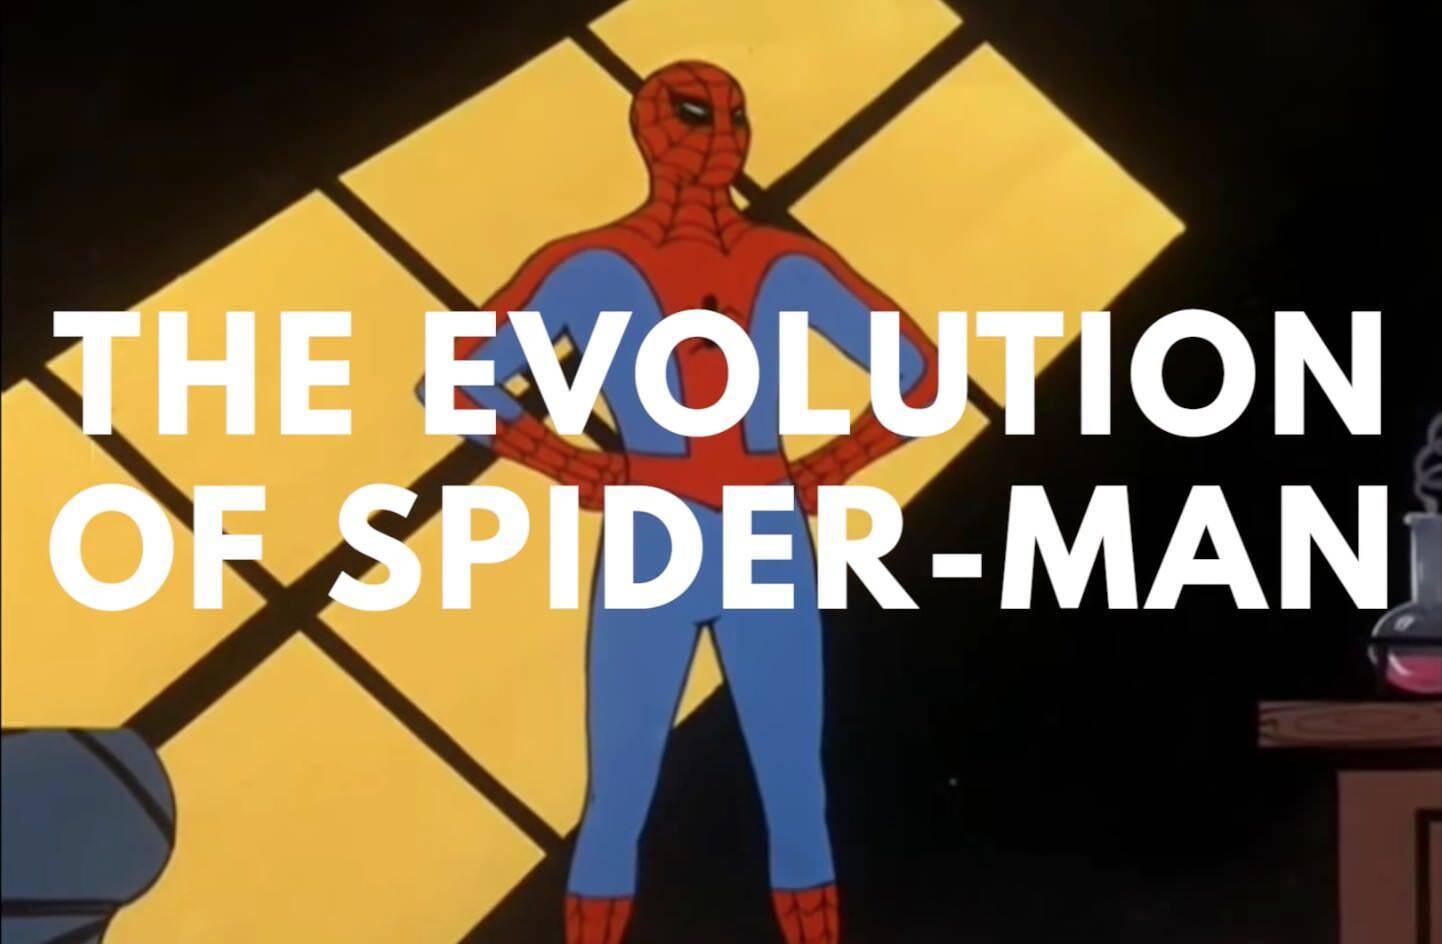 スパイダーマンの歴史!映画やアニメや特撮